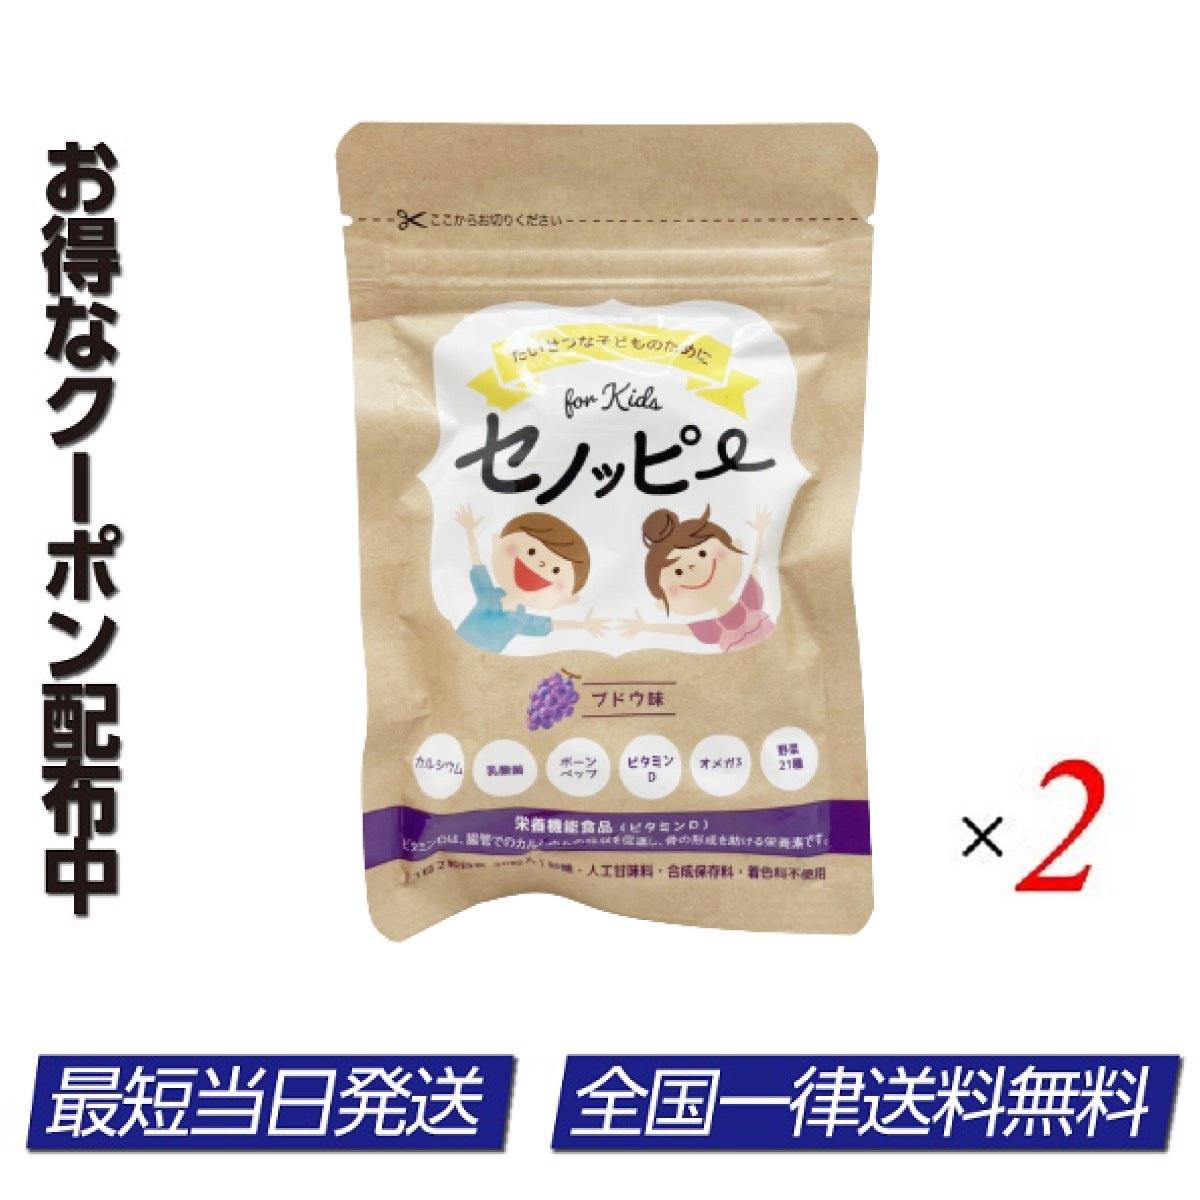 セノッピー 安売り 30粒 グミサプリメント 栄養補給 2袋セット 輸入